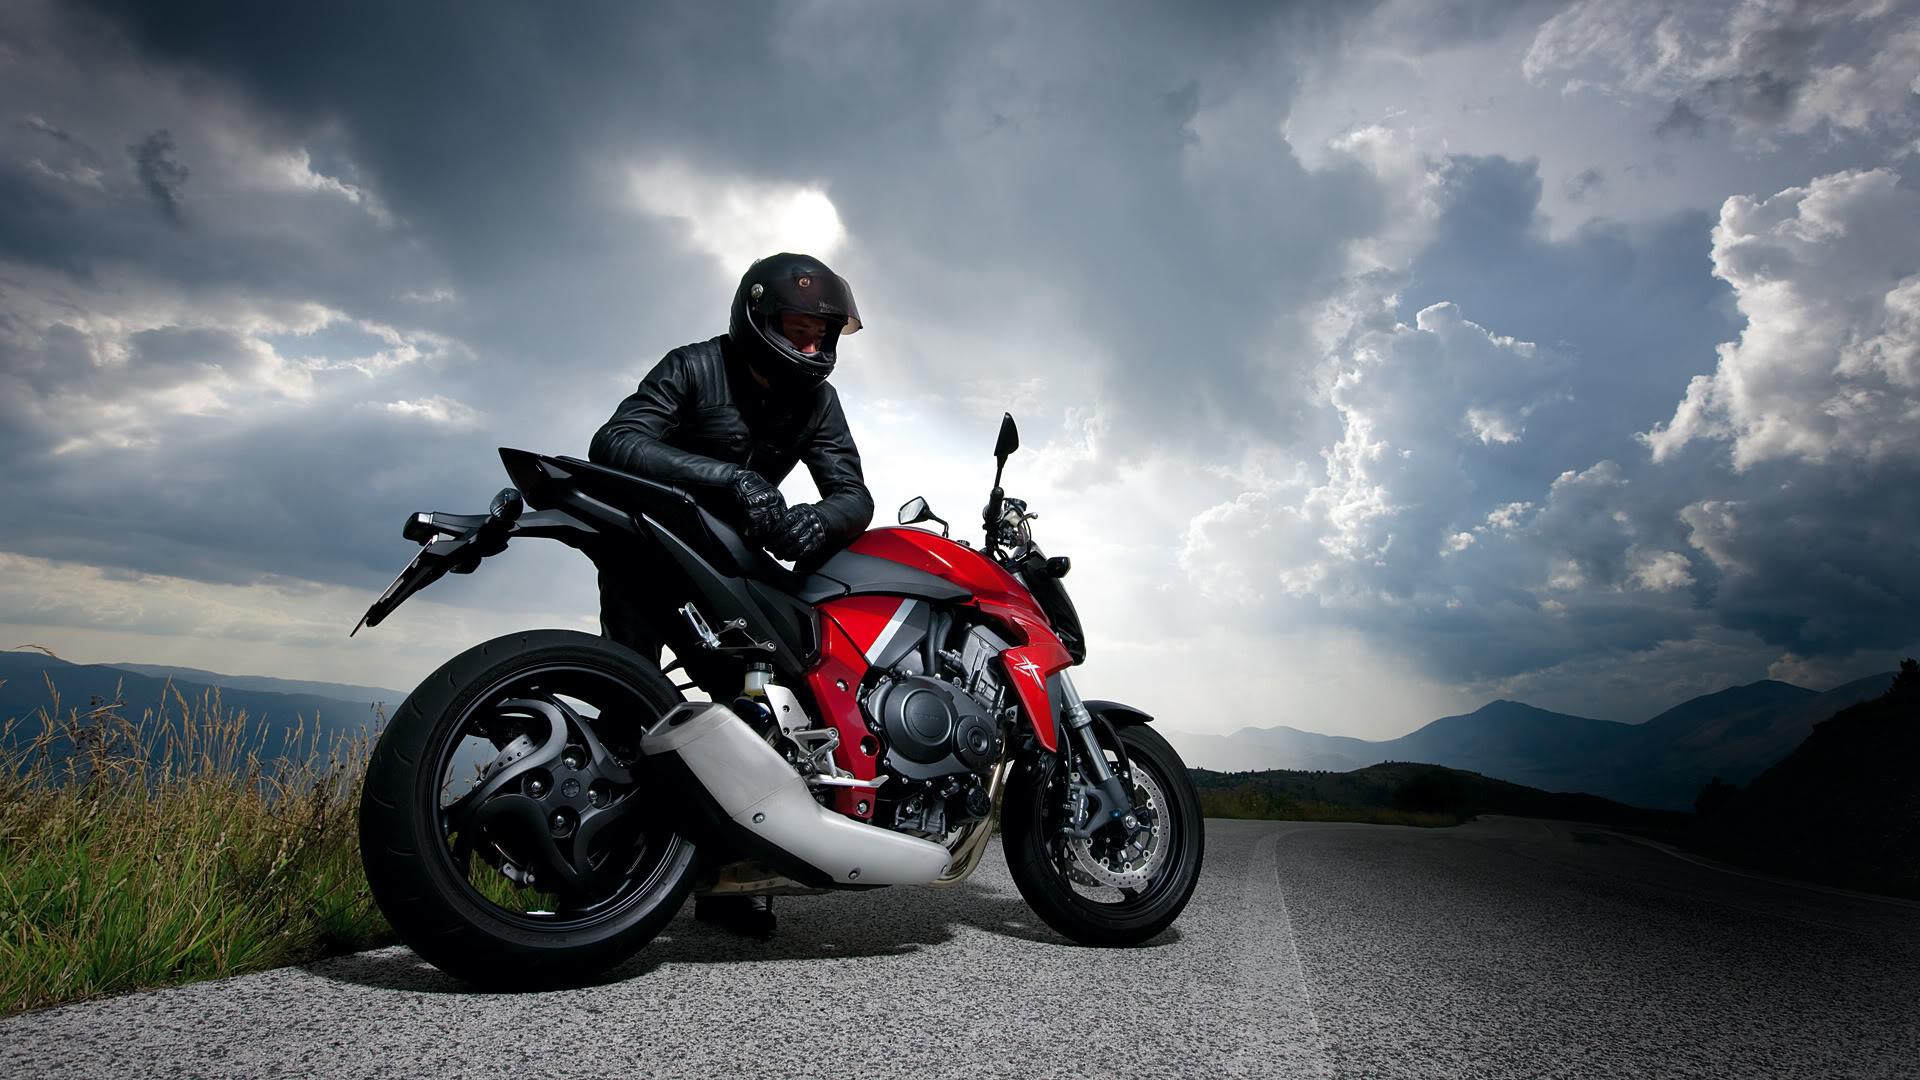 摩托车�:`'�fj9��:`(9.#�)��be�f_摩托 摩托车 1920_1080